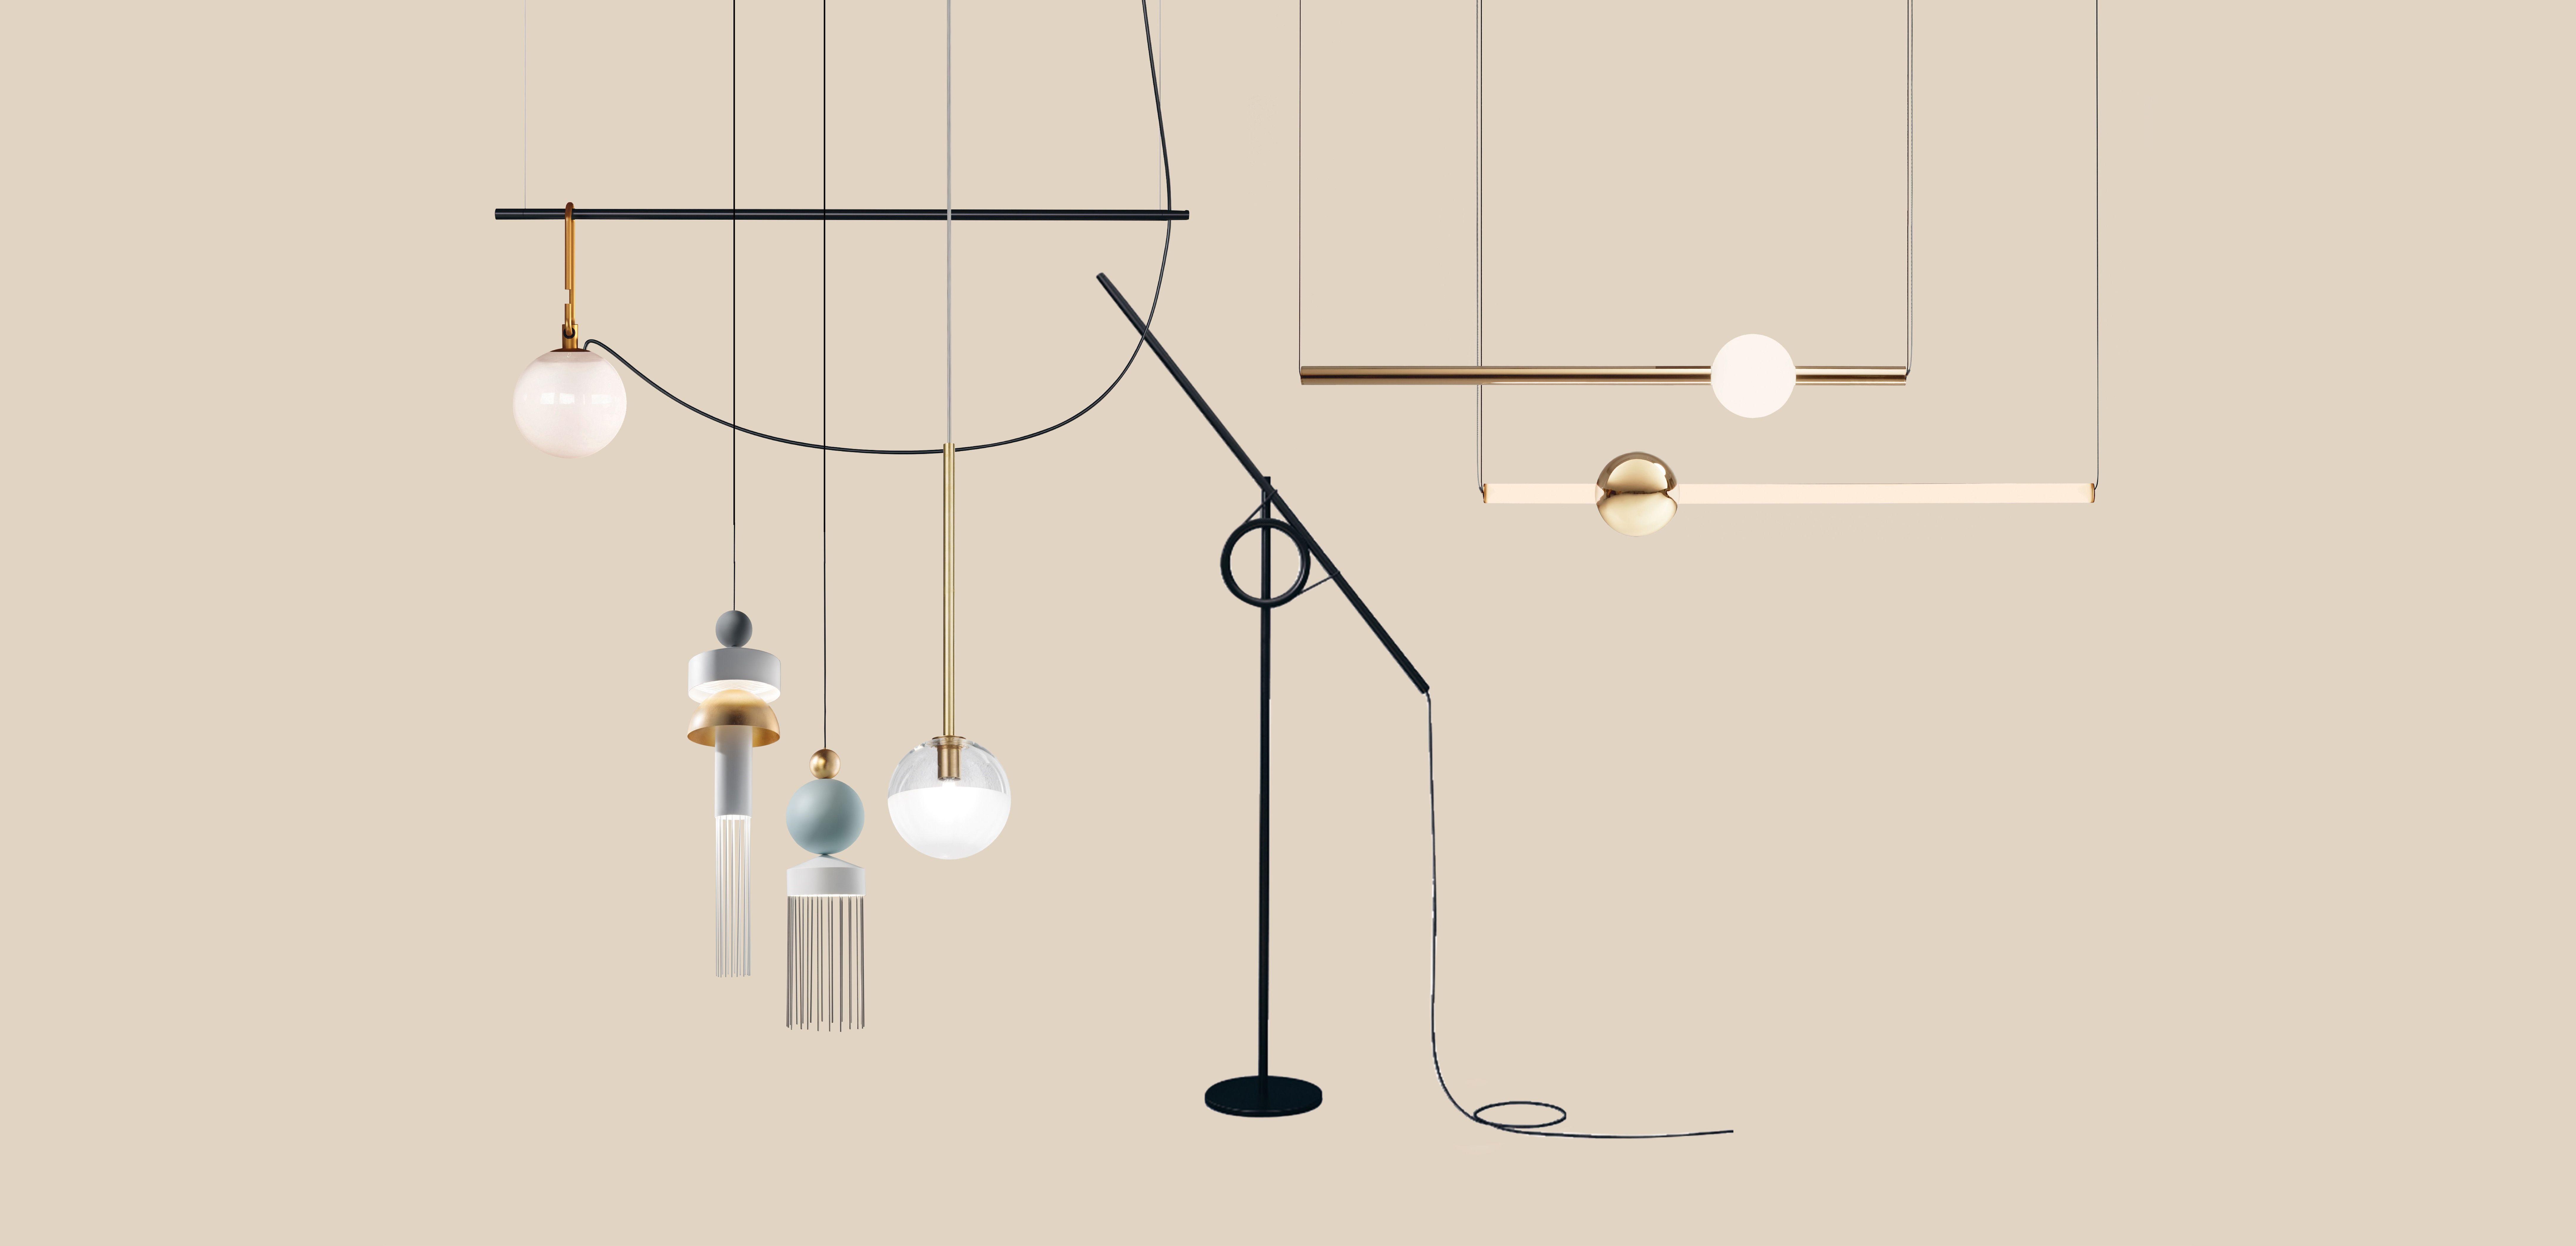 Lampadari moderni: 10 idee arredo di tendenza